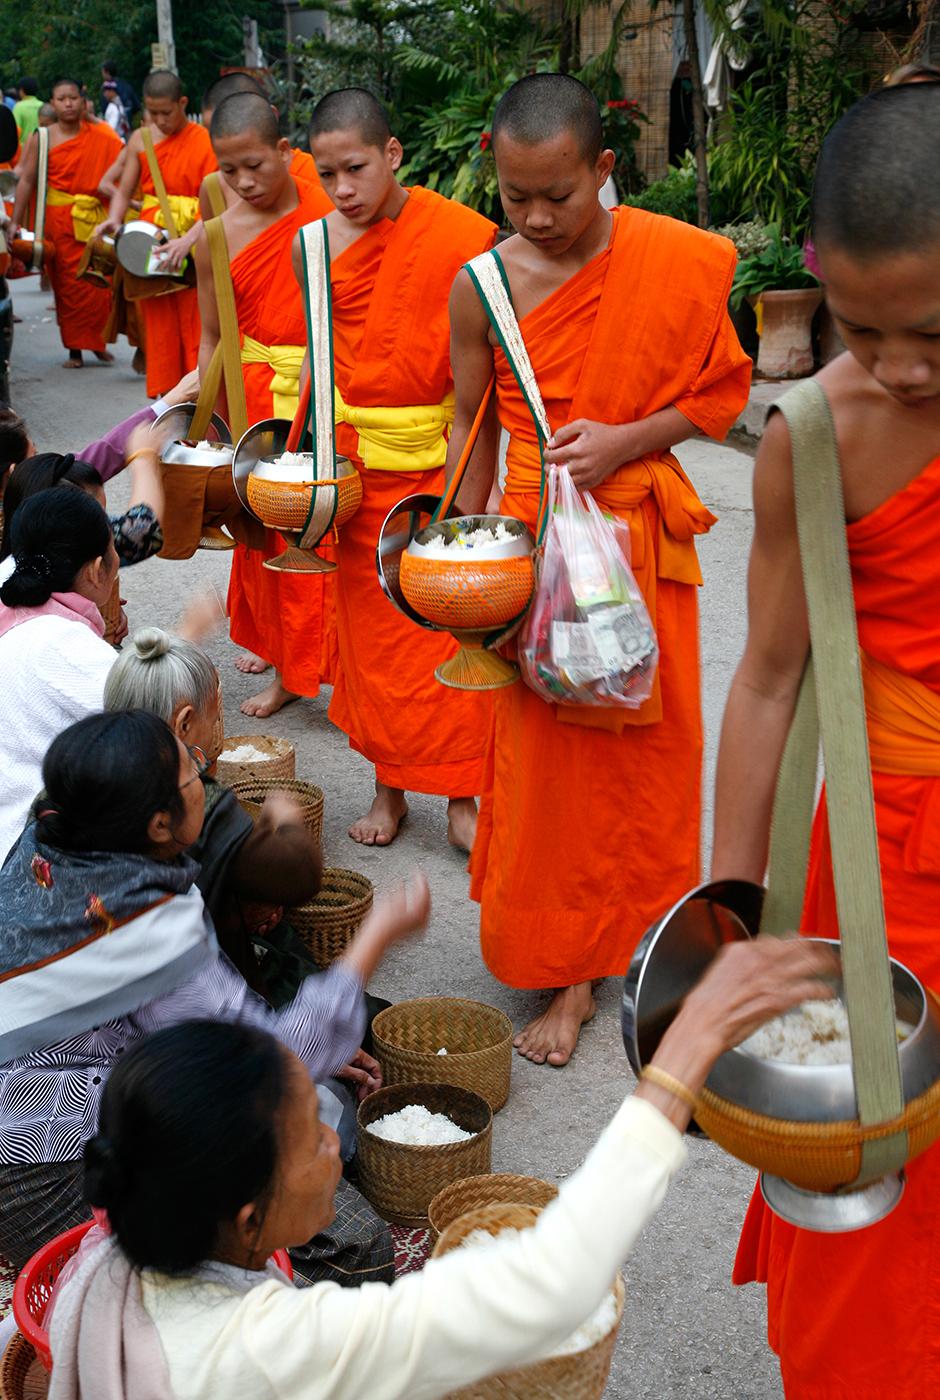 Tat bak, Luang Prabang, Laos